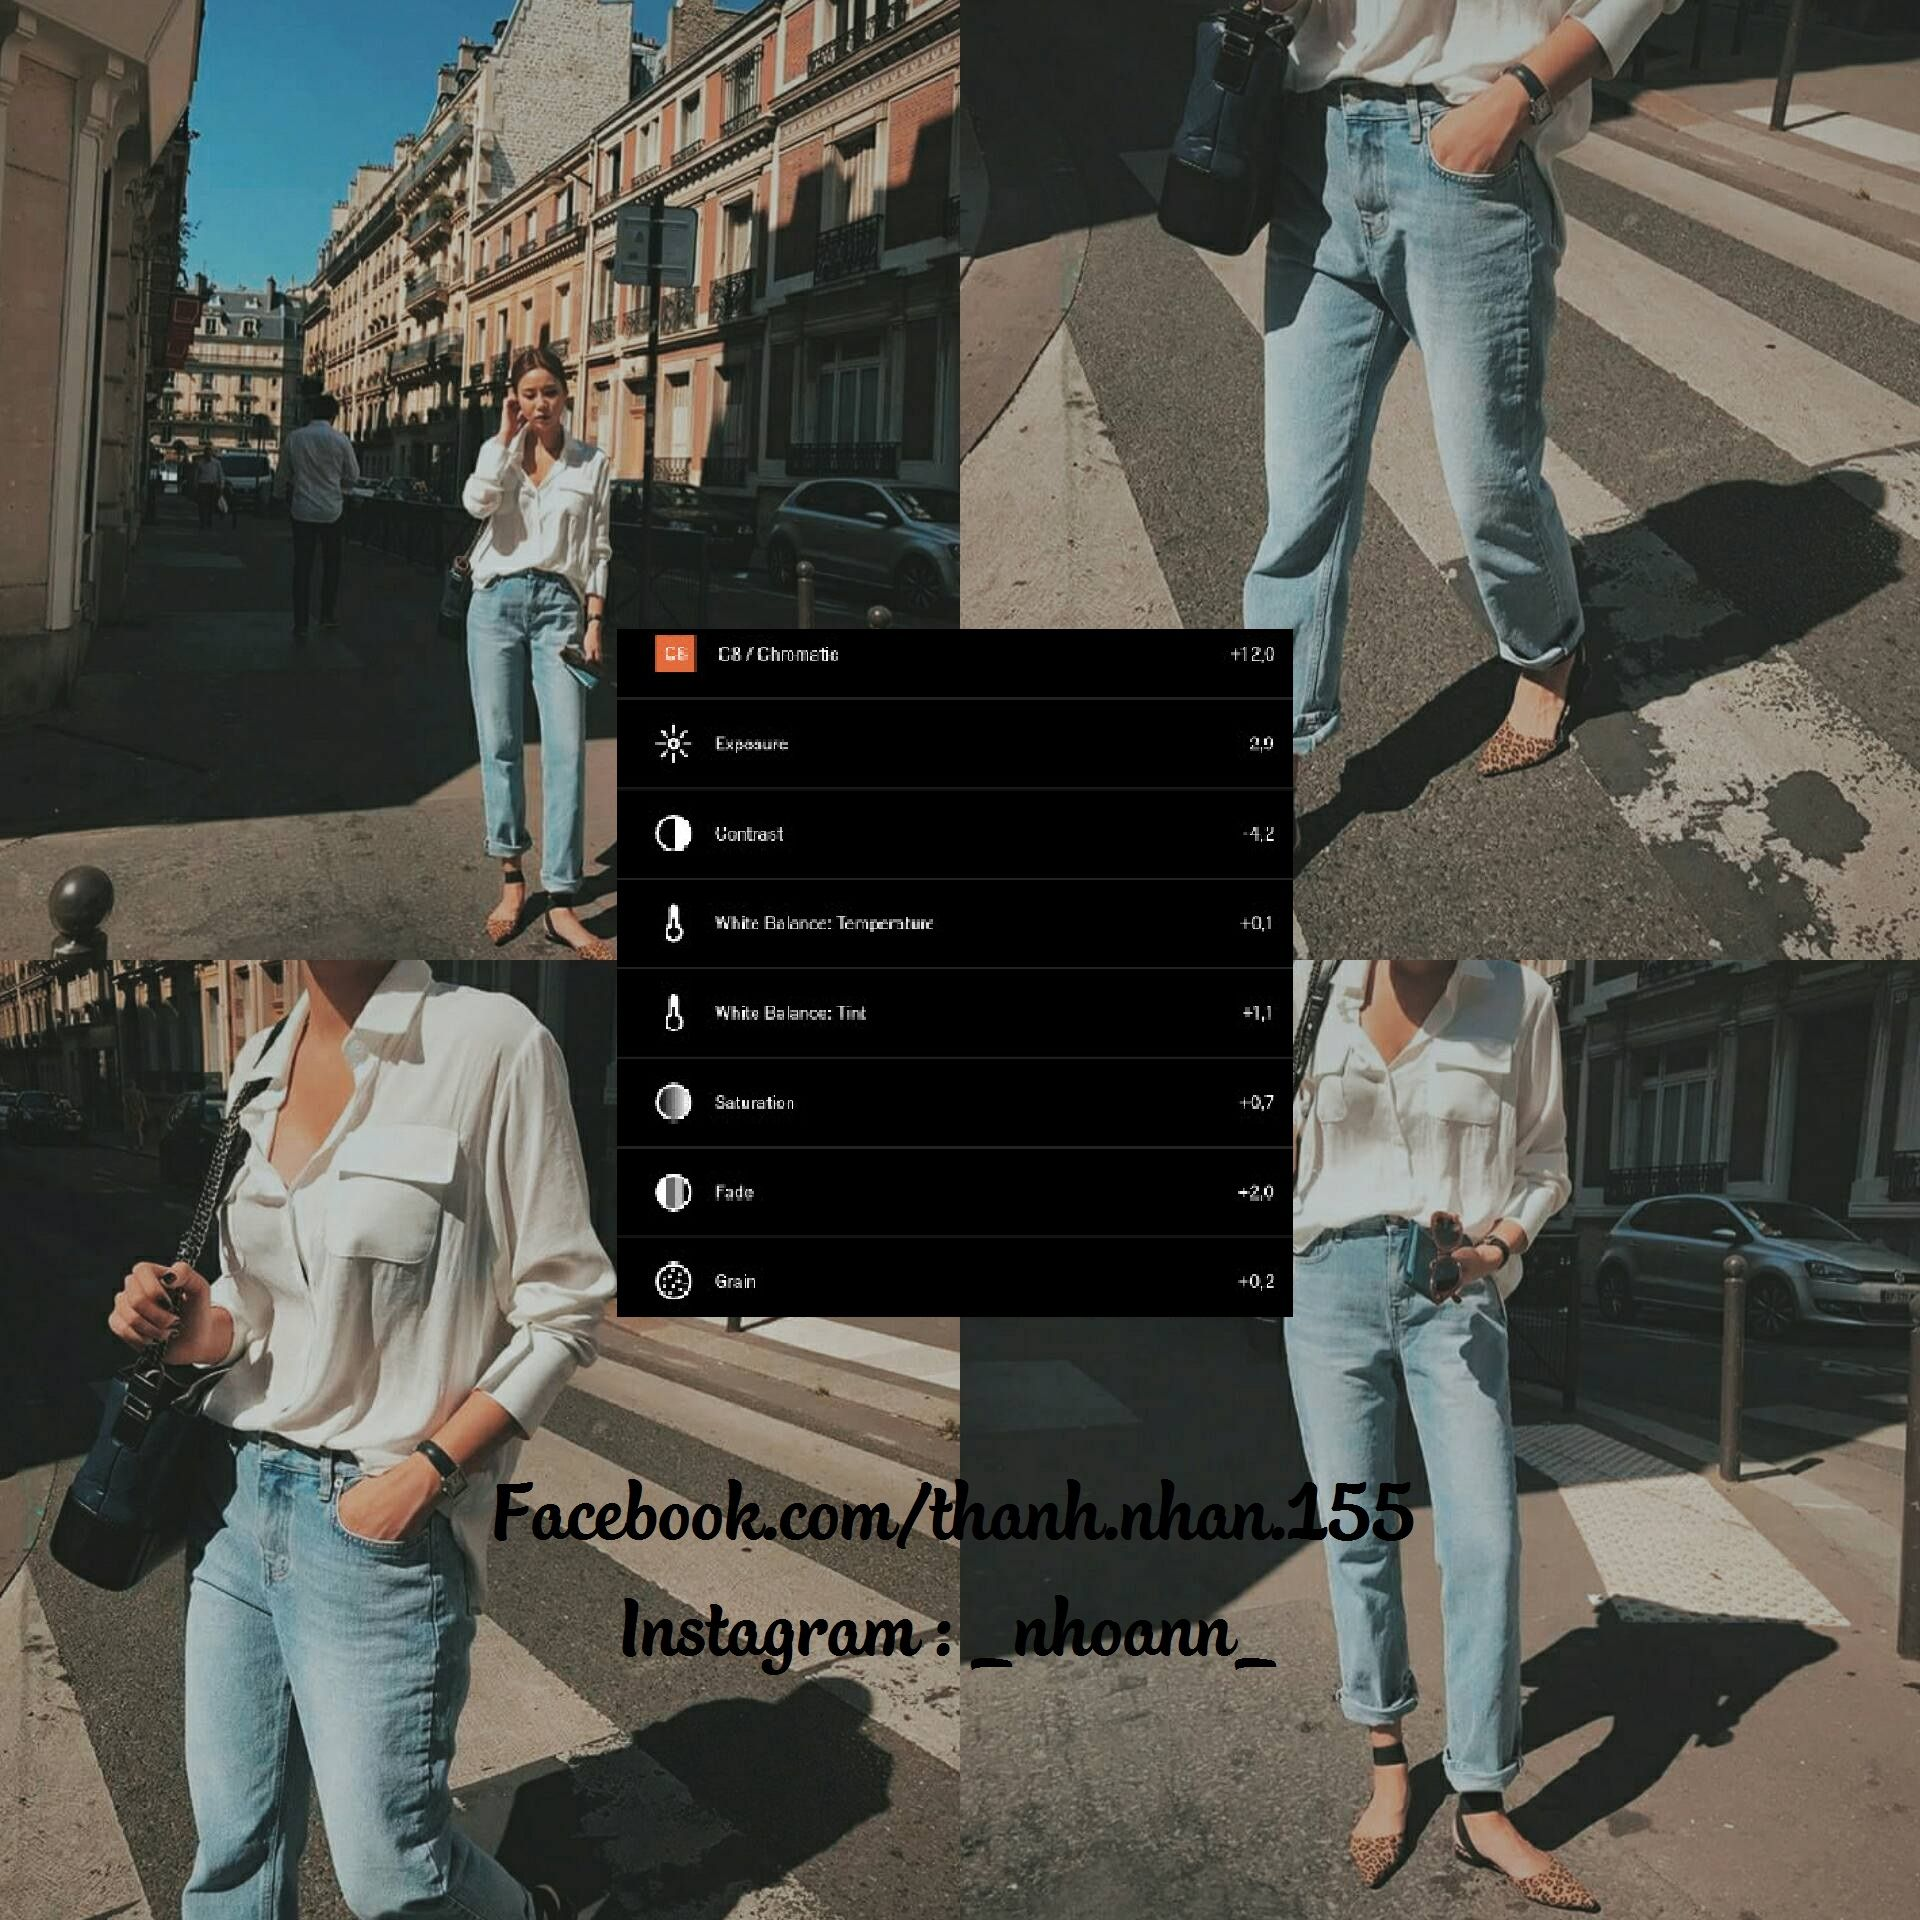 фигура как в инстаграмме редактировать фото подделки легко